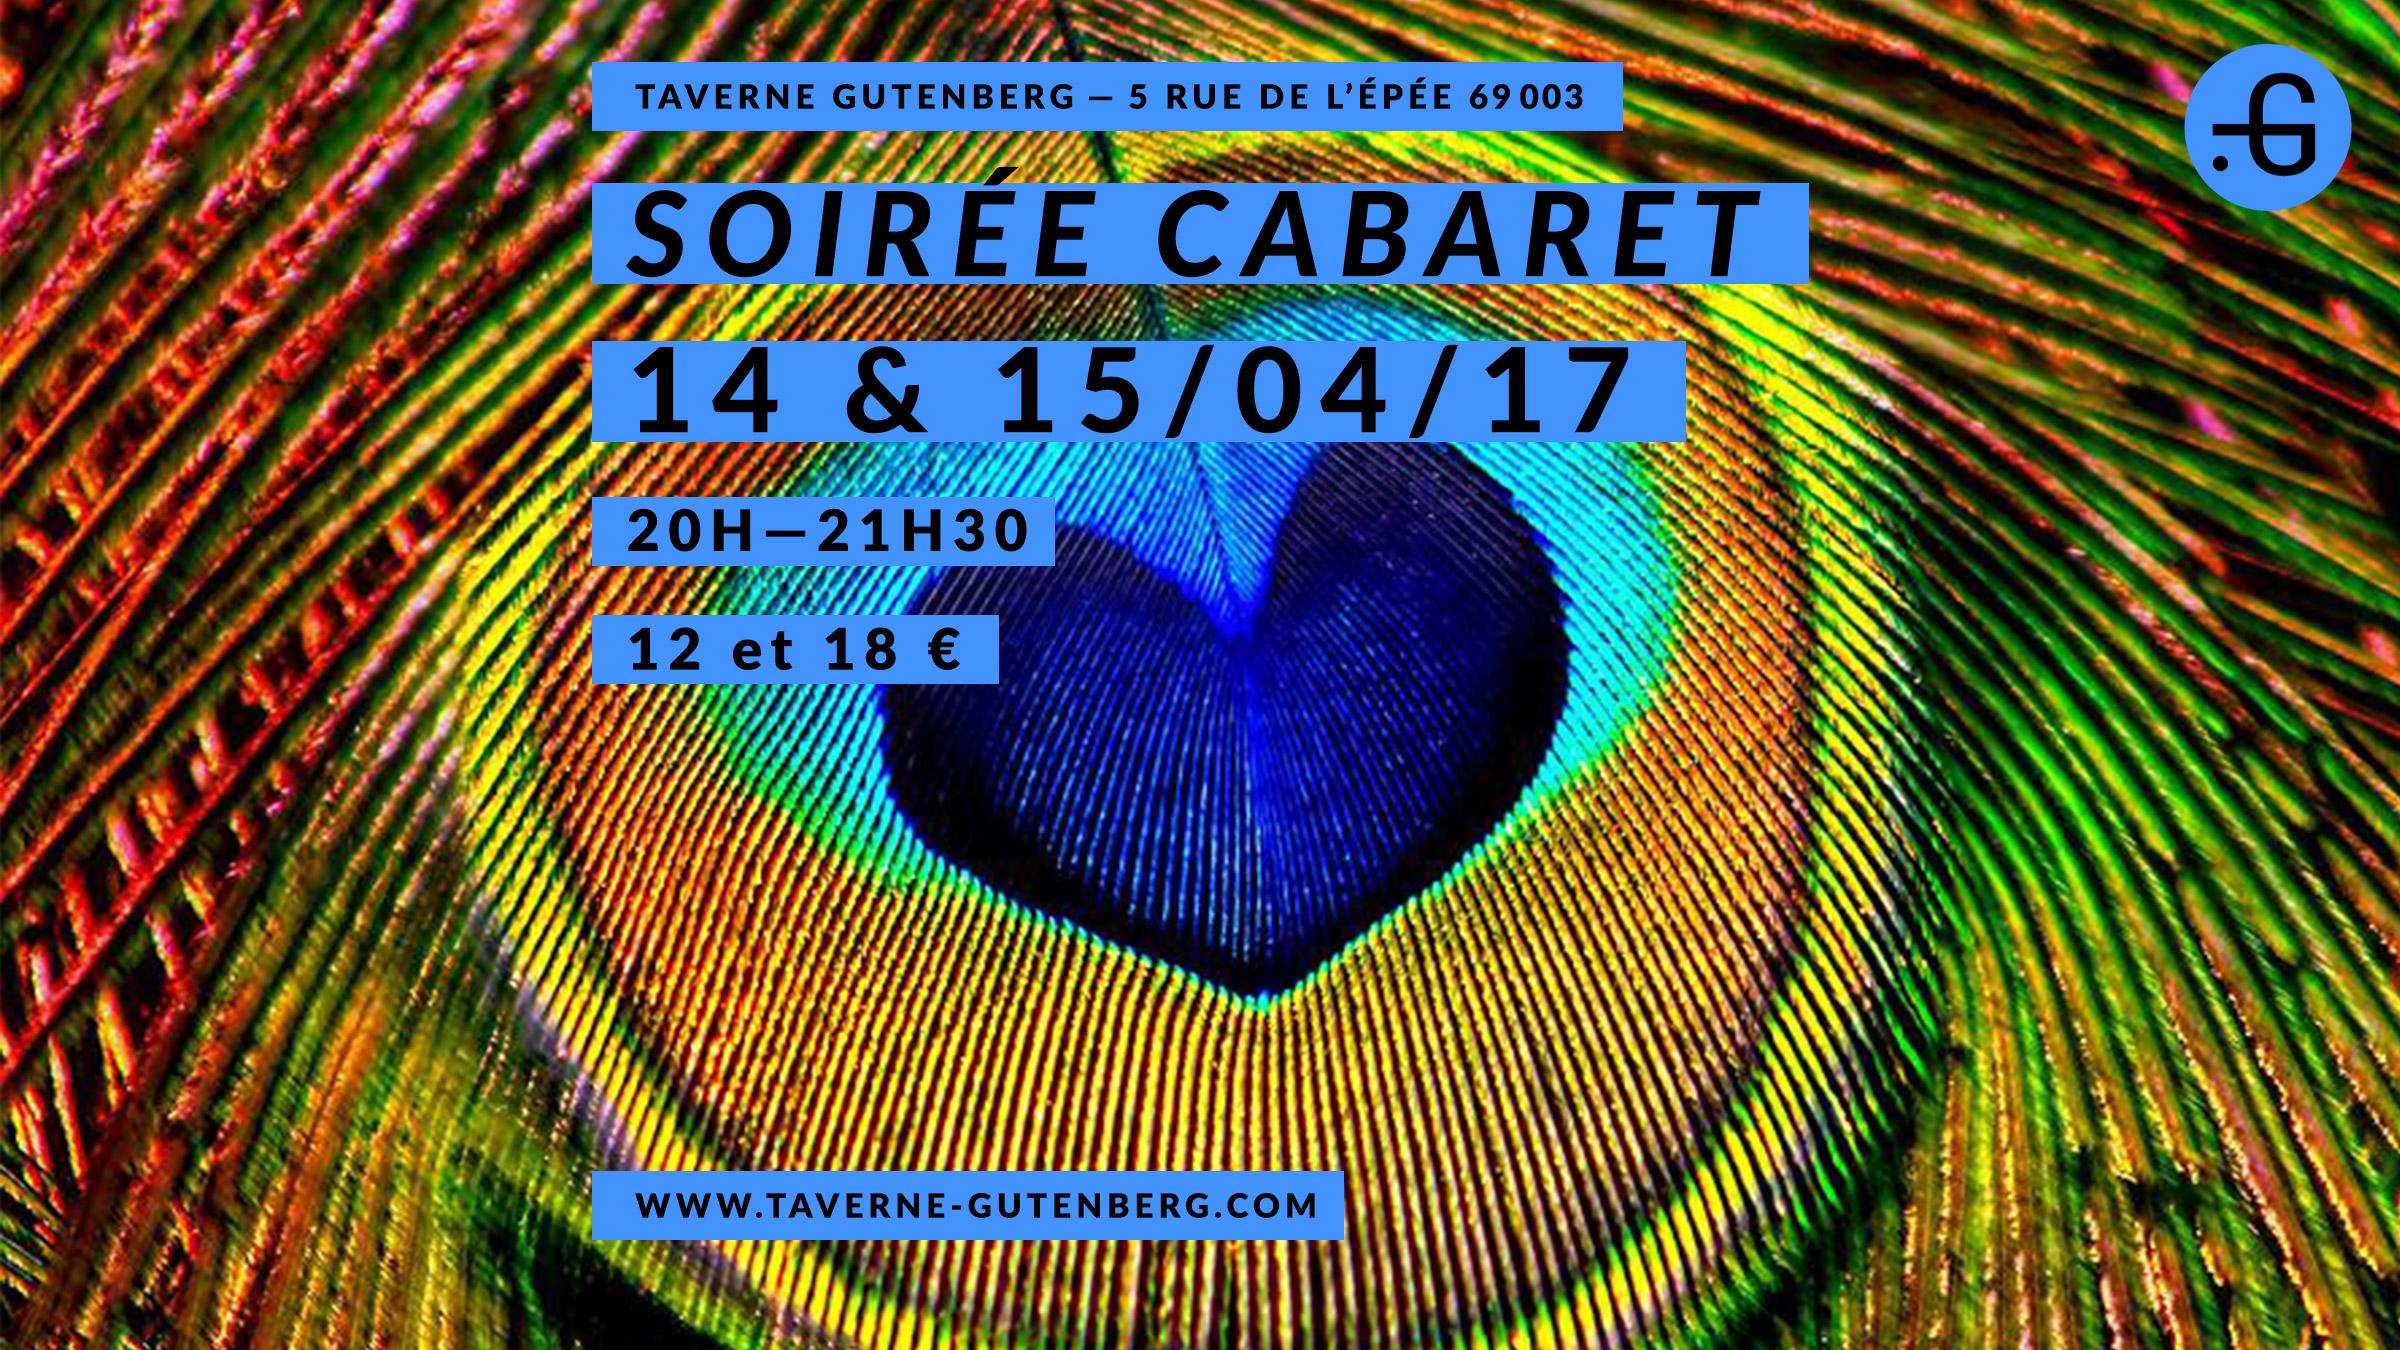 """Affiche """"Cabaret"""" soirée à la Taverne Gutenberg, 14 et 15/04/2017"""